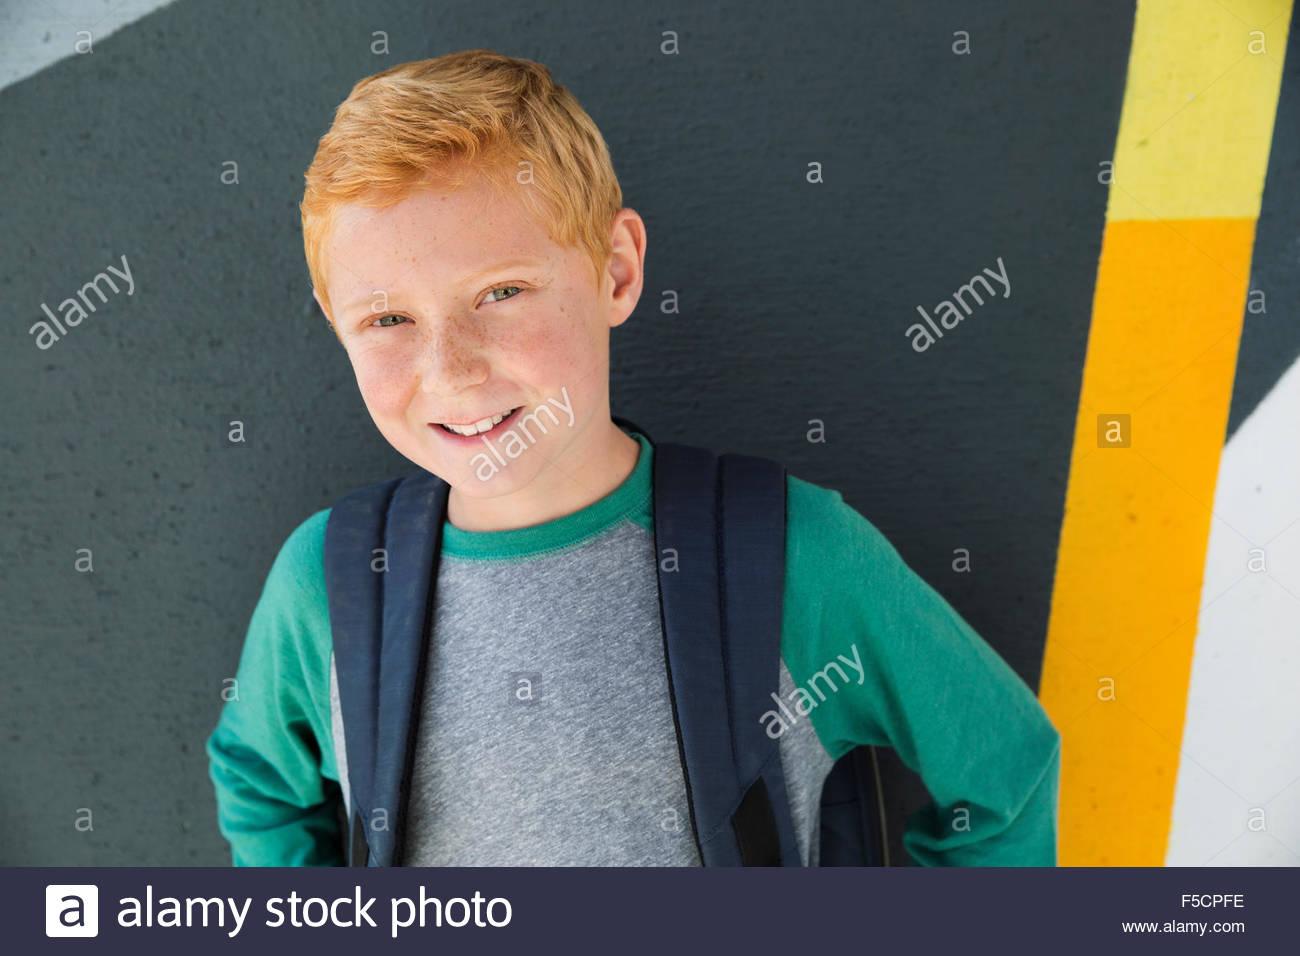 Ritratto fiducioso scolaro con capelli rossi Immagini Stock